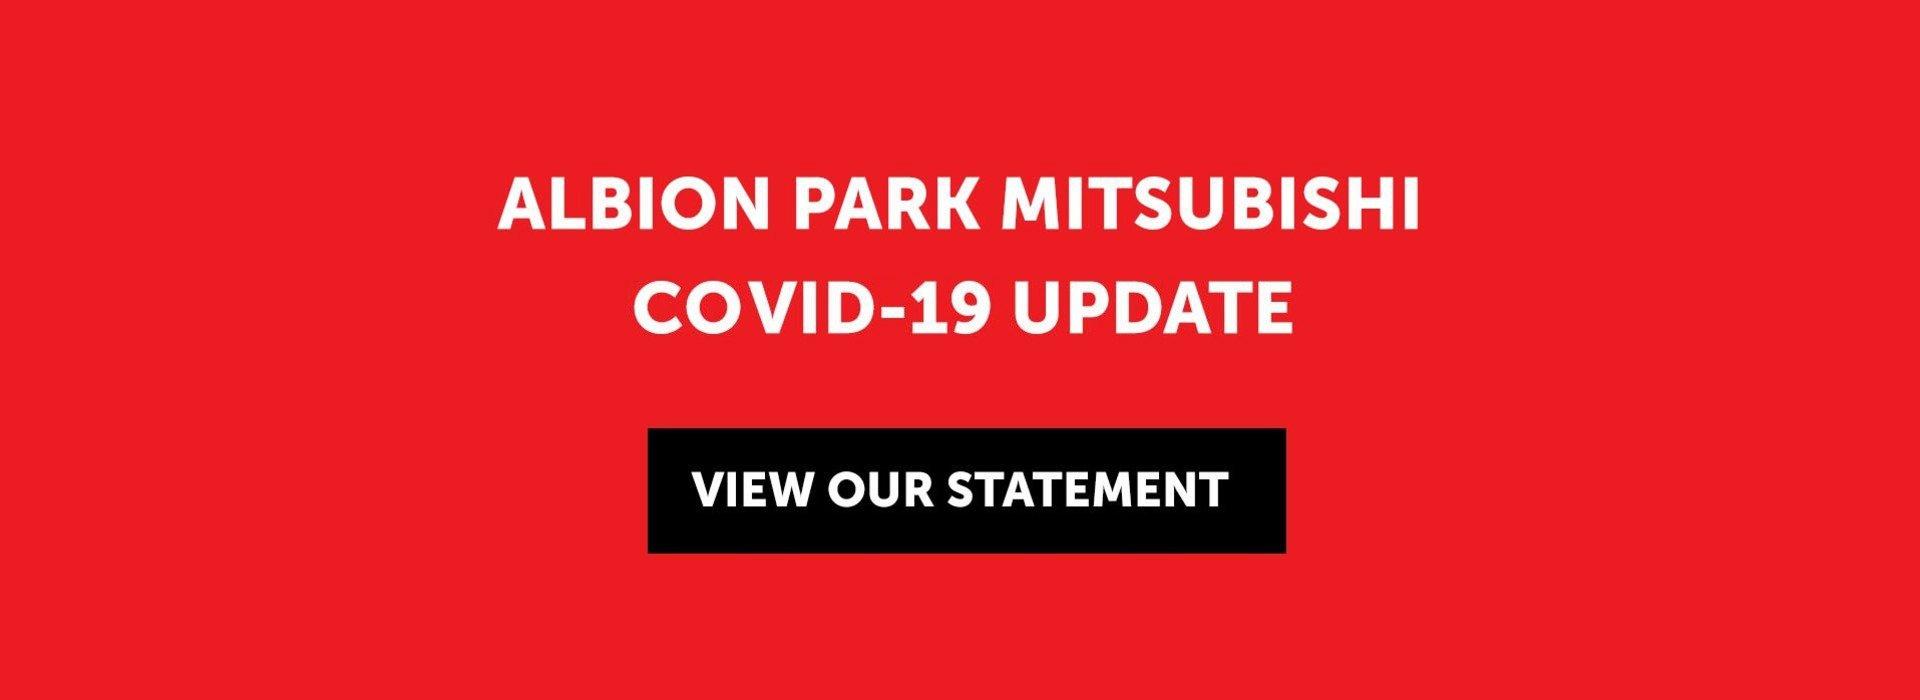 Albion Park Mitsubishi Convid-19 Statement